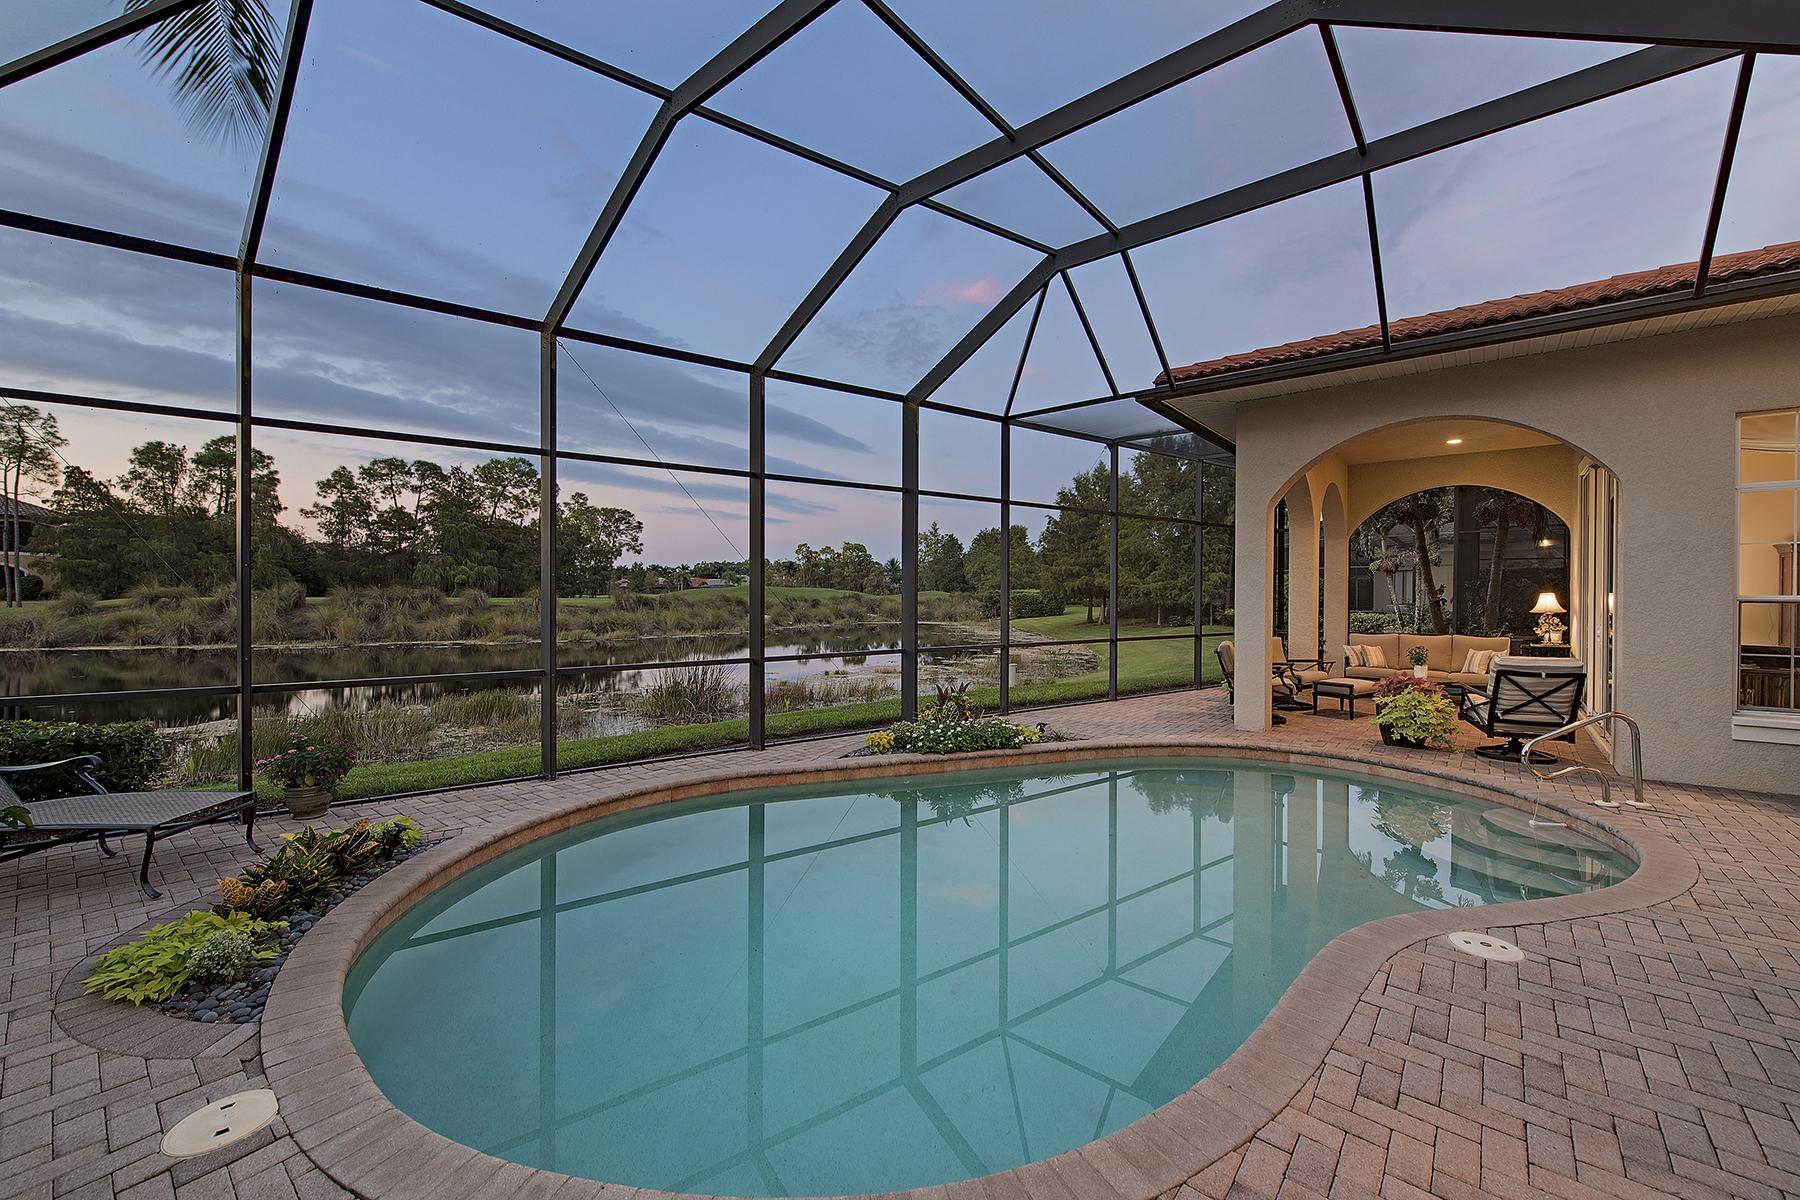 独户住宅 为 销售 在 OLDE CYPRESS - SANTA ROSA 7395 Monteverde Way 那不勒斯, 佛罗里达州, 34119 美国